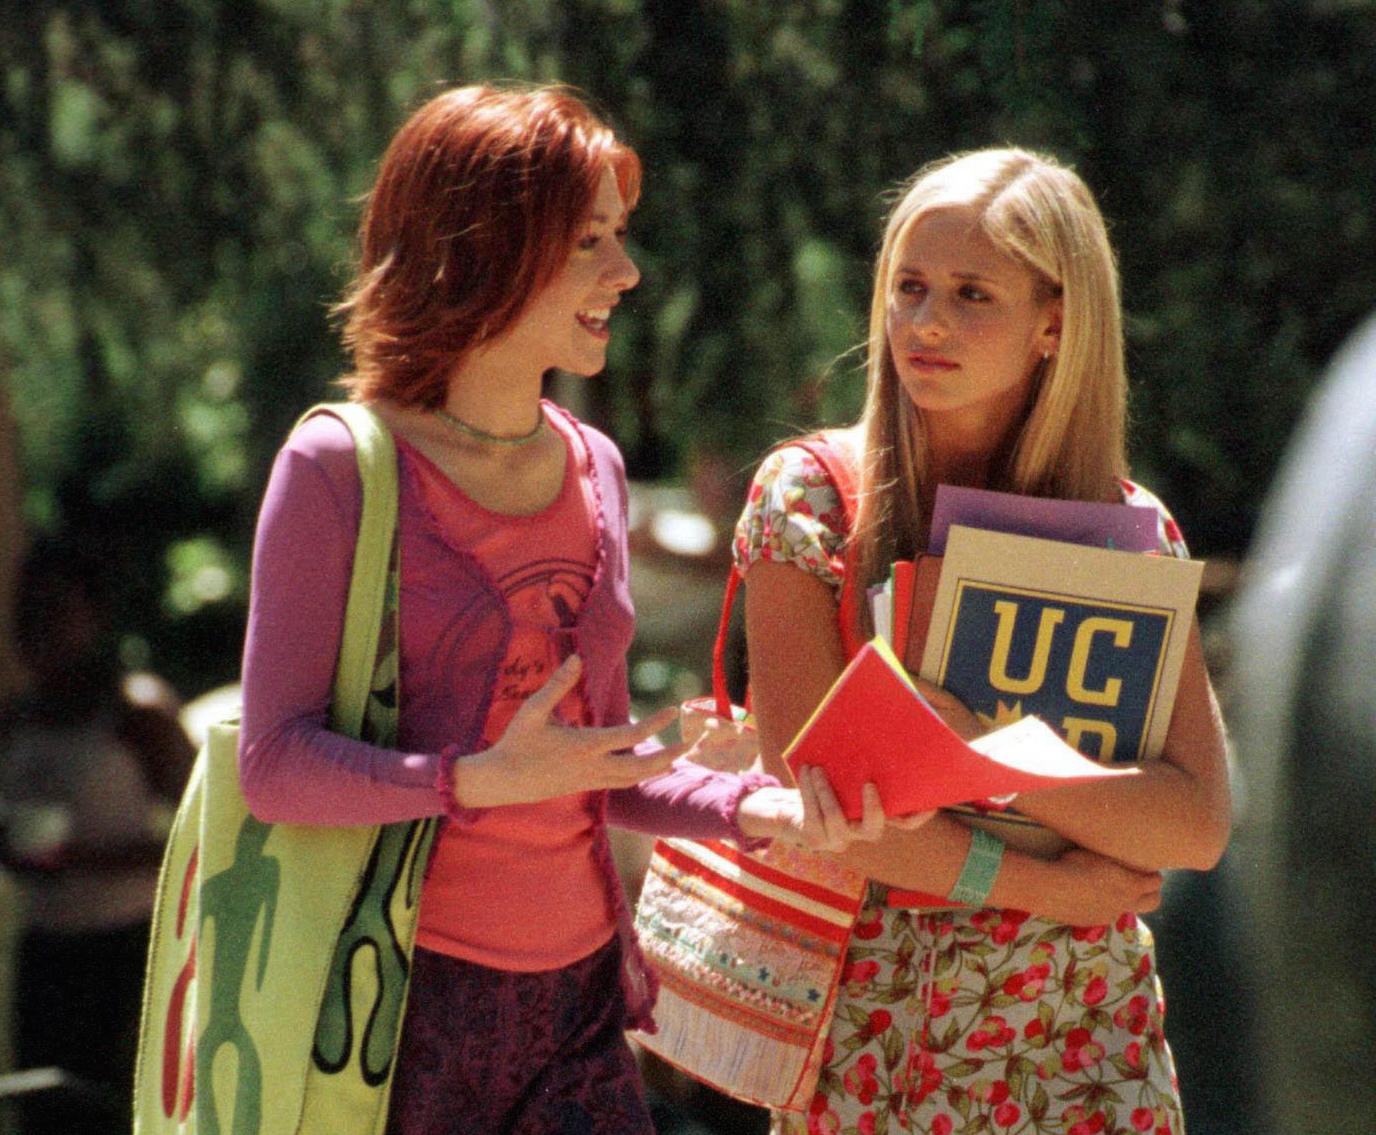 Buffy-Willow-season-4-buffy-the-vampire-slayer-1272073-1403-2281